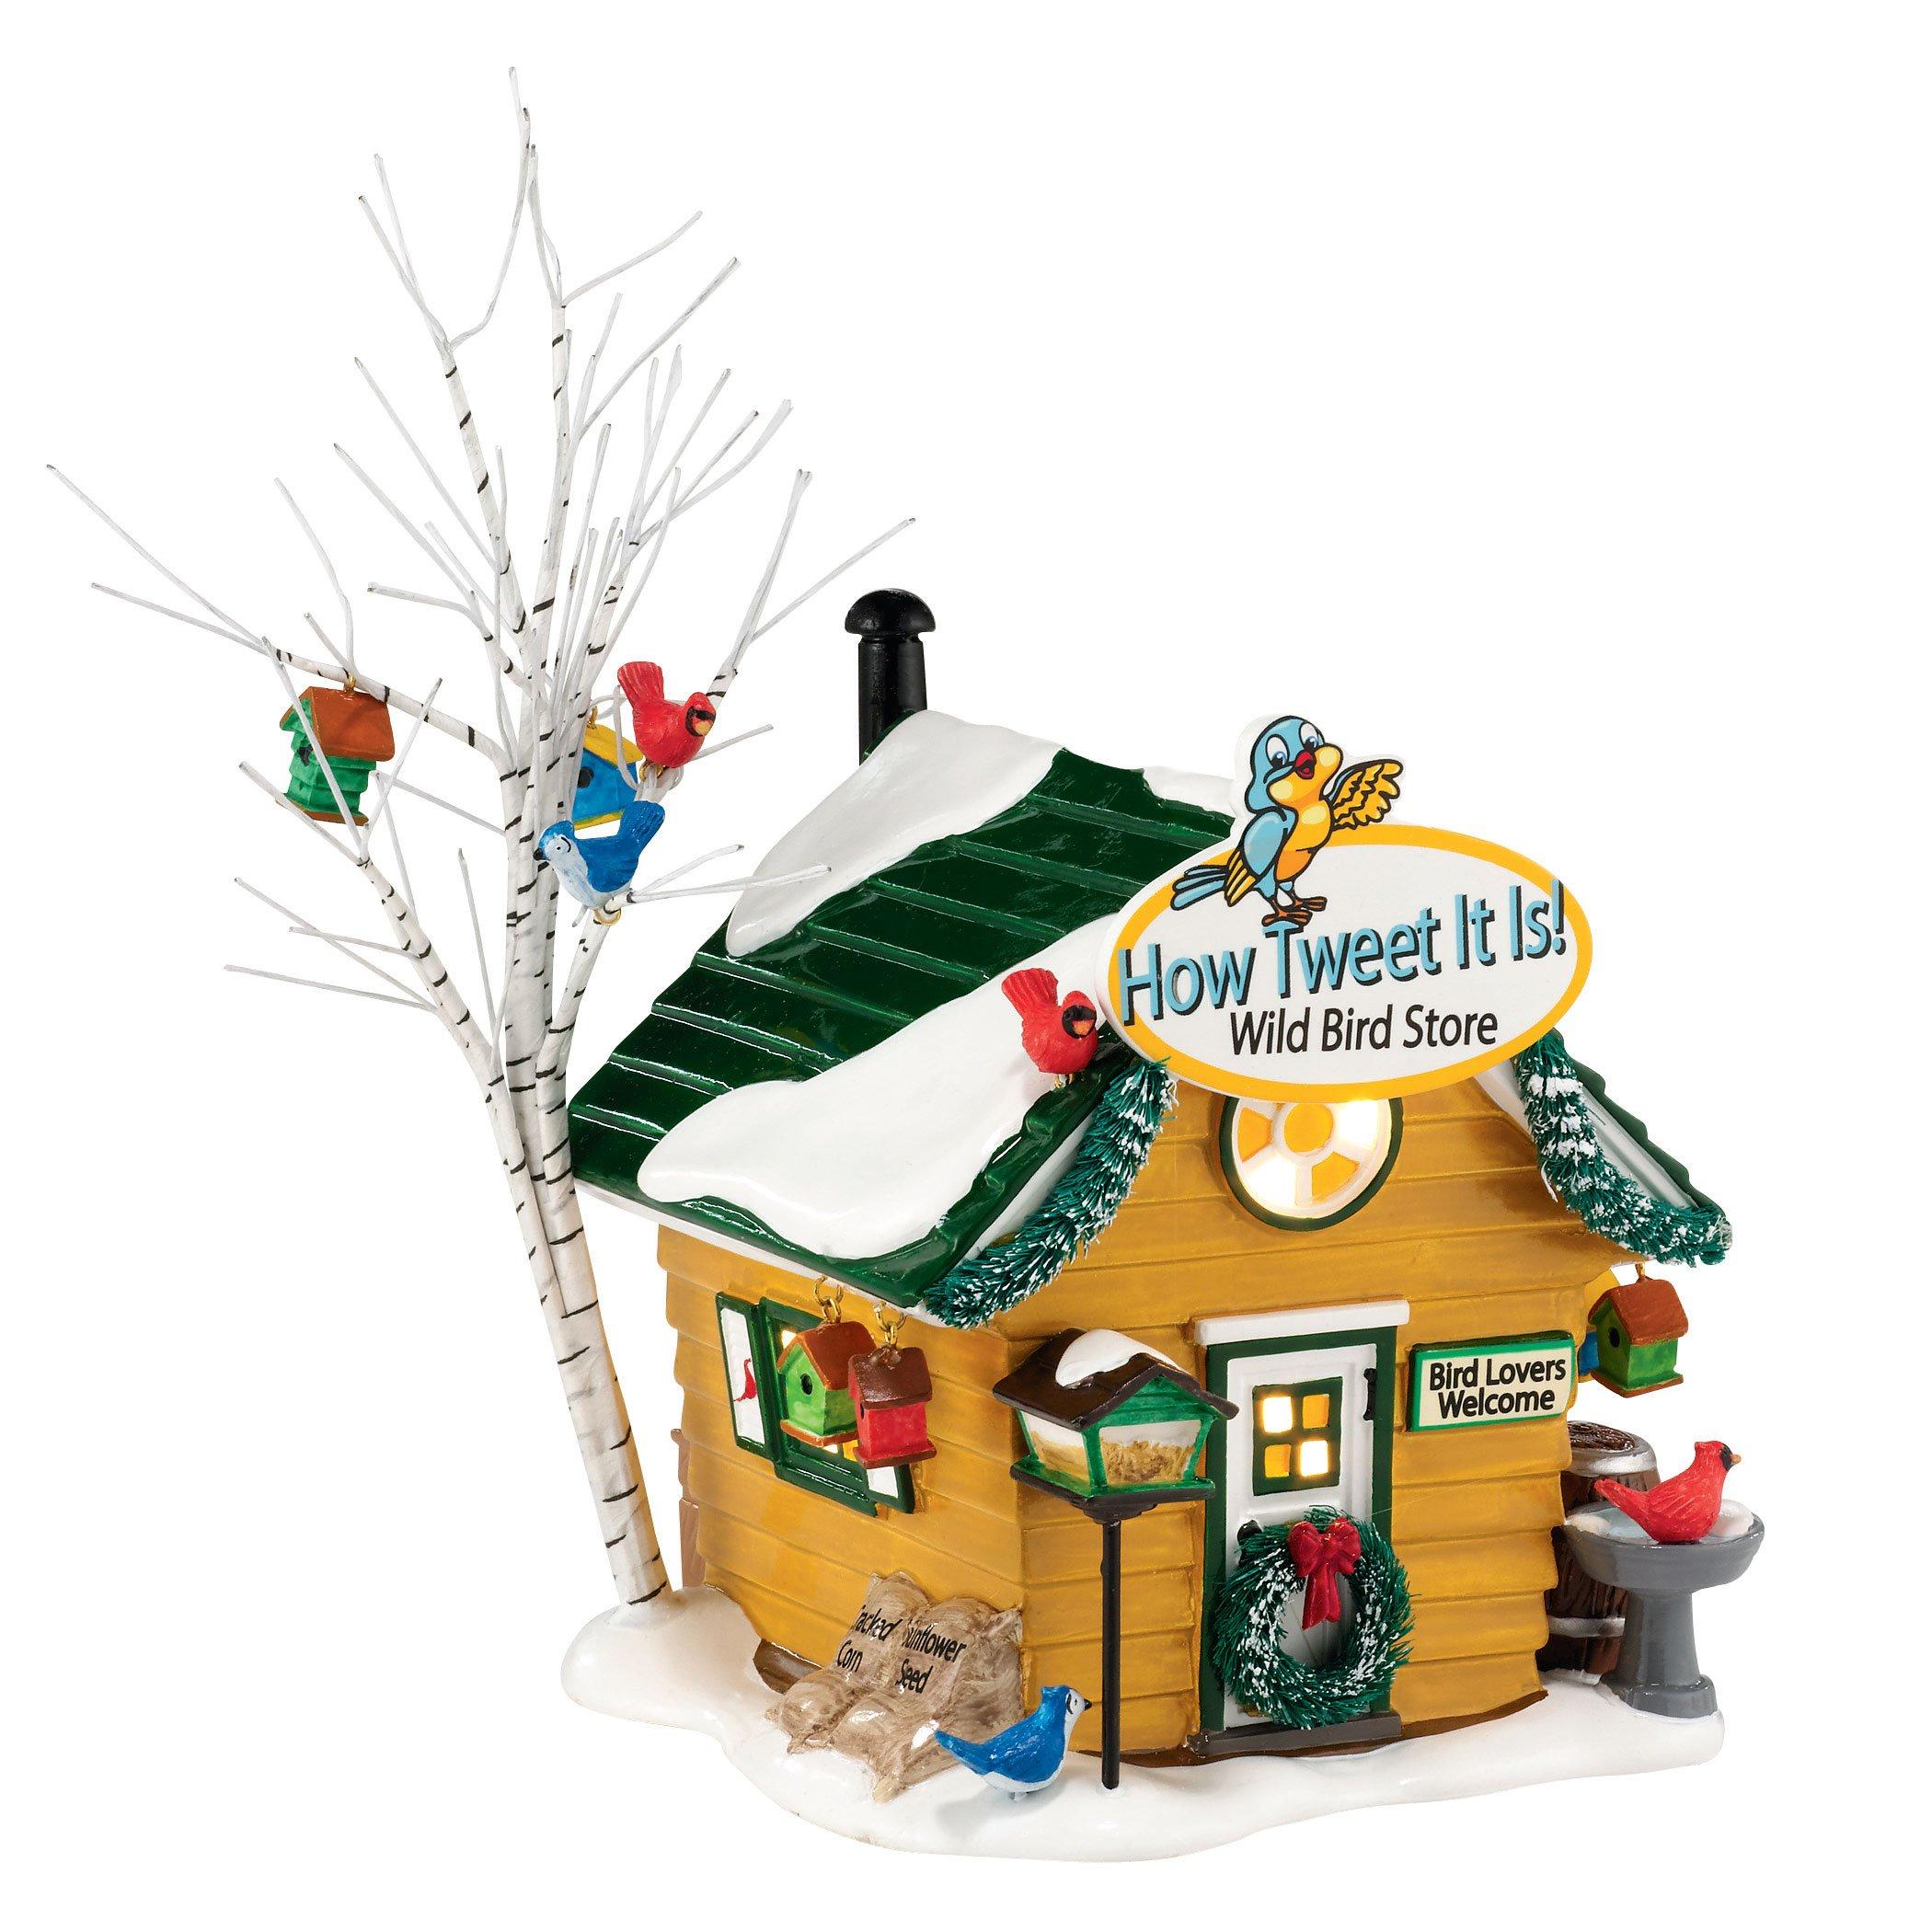 Department 56 Snow Village How Tweet It Is Wild Bird Lit House, 5.31 inch